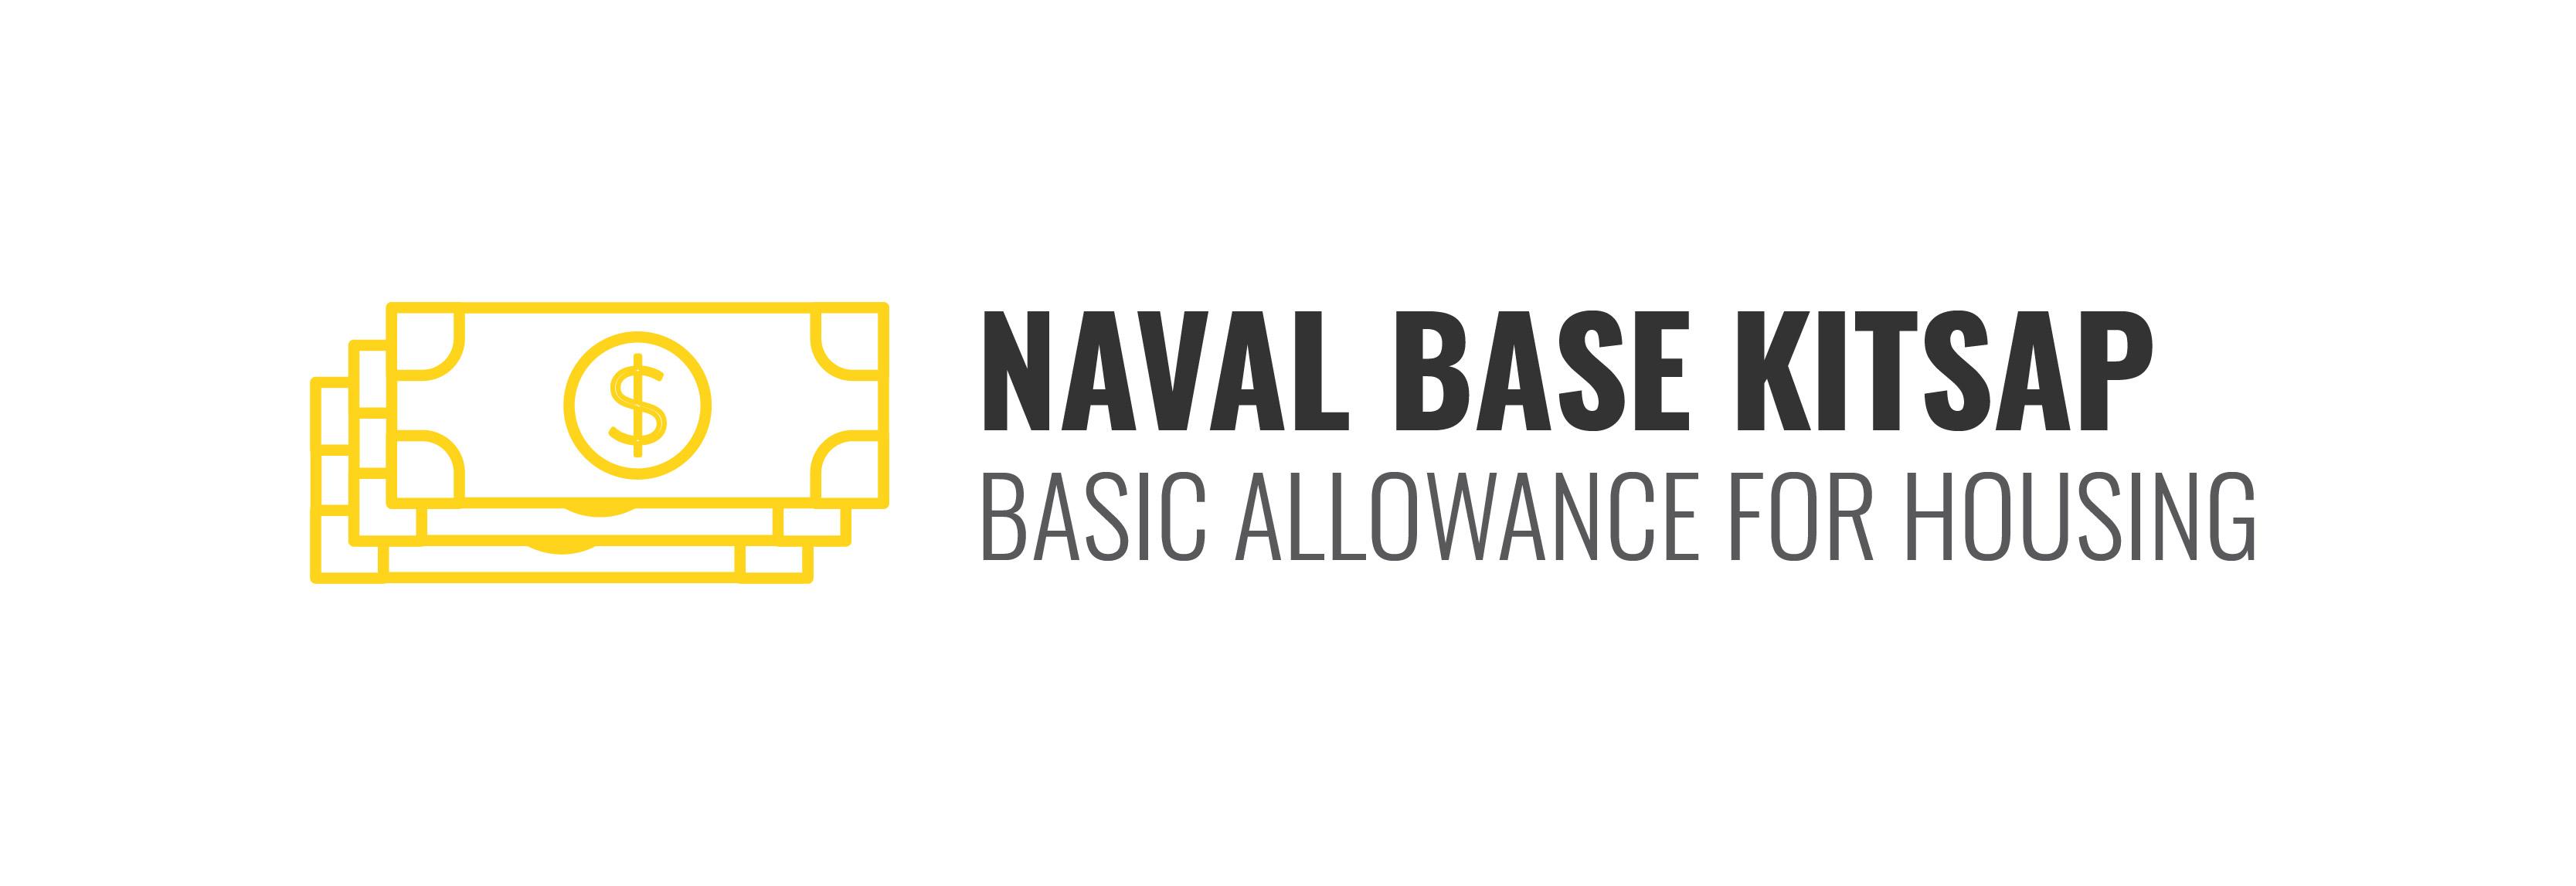 Naval Base Kitsap BAH